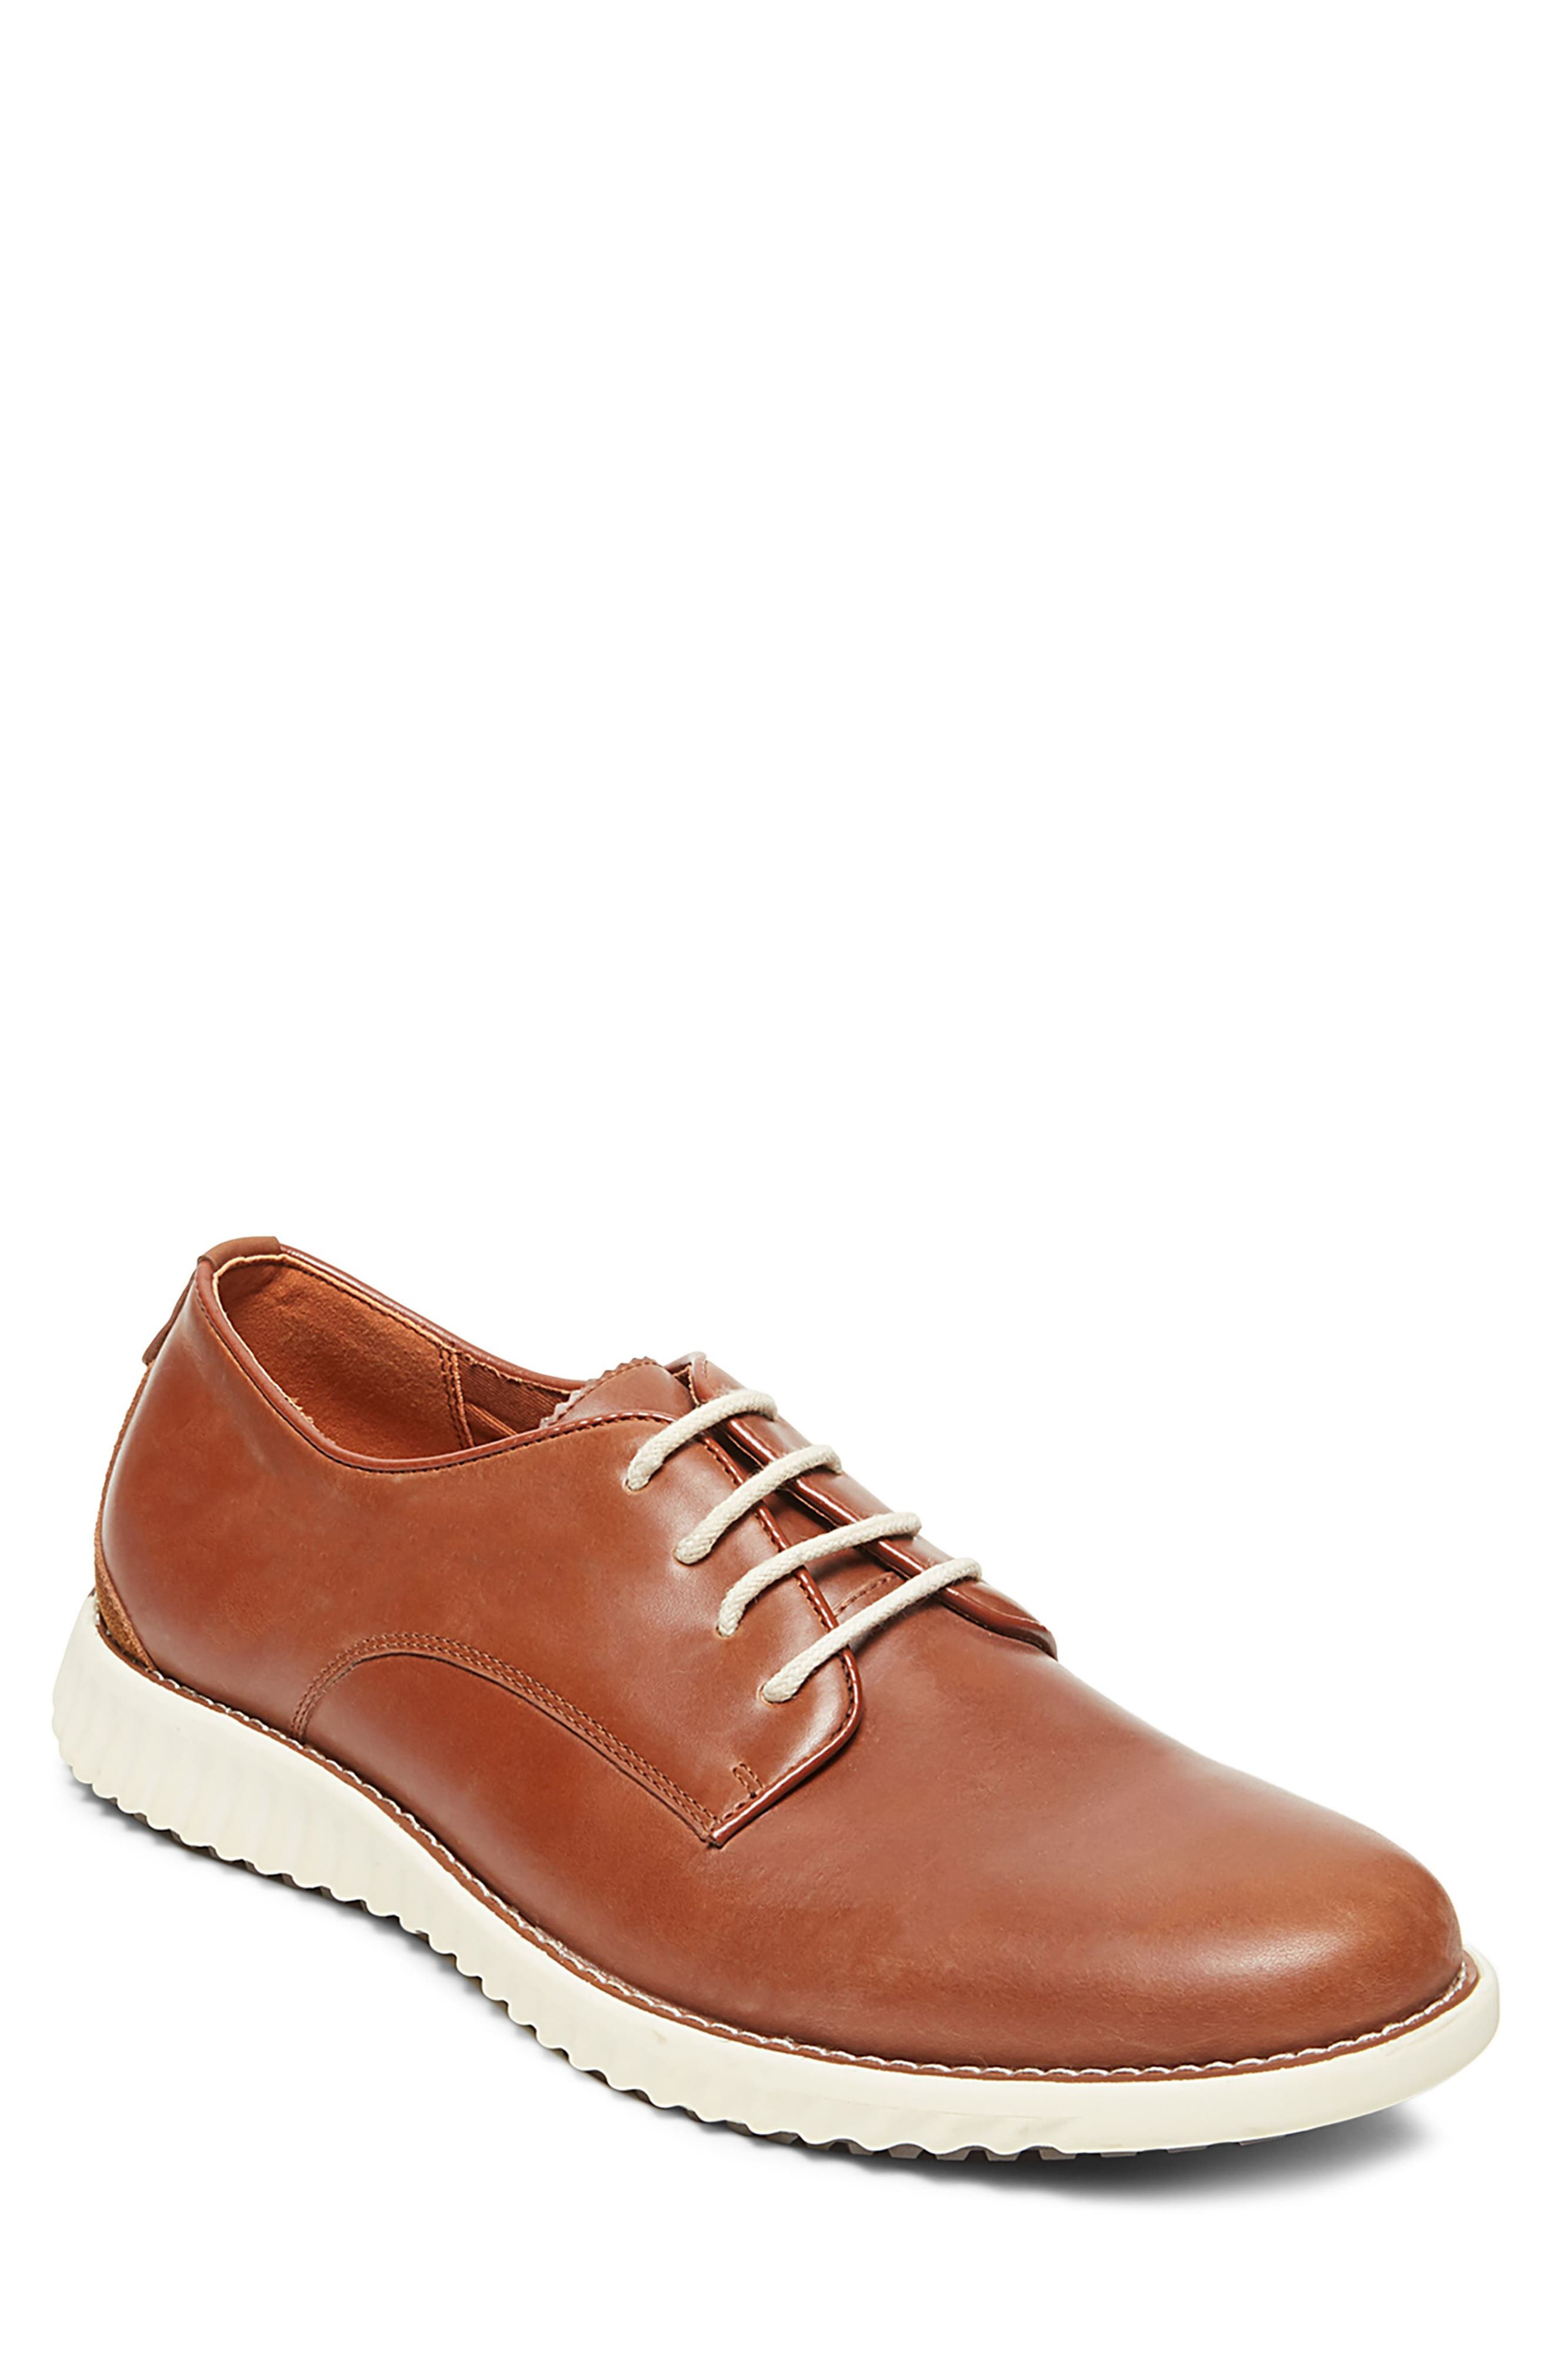 Vance Sneaker,                         Main,                         color, Tan